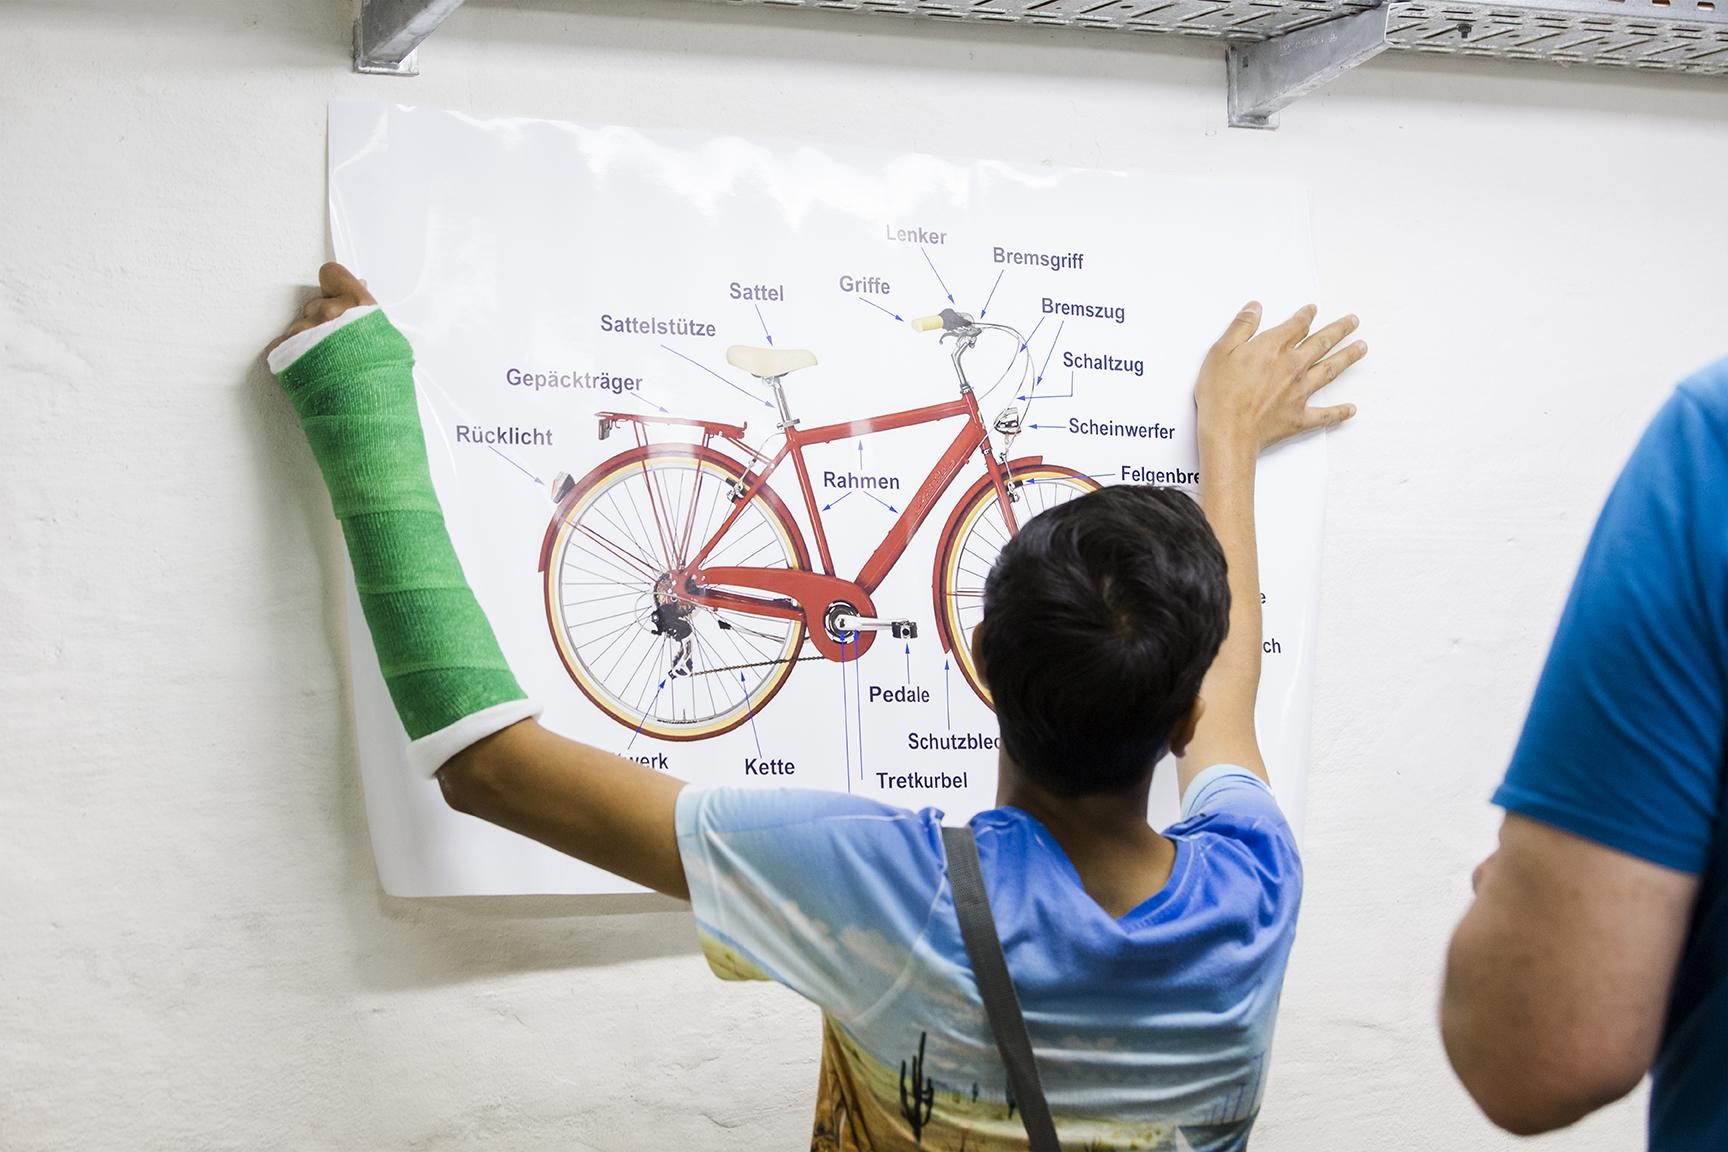 Wer die Fahrradteile benennen kann, ist bei der Reparatur ebenfalls klar im Vorteil